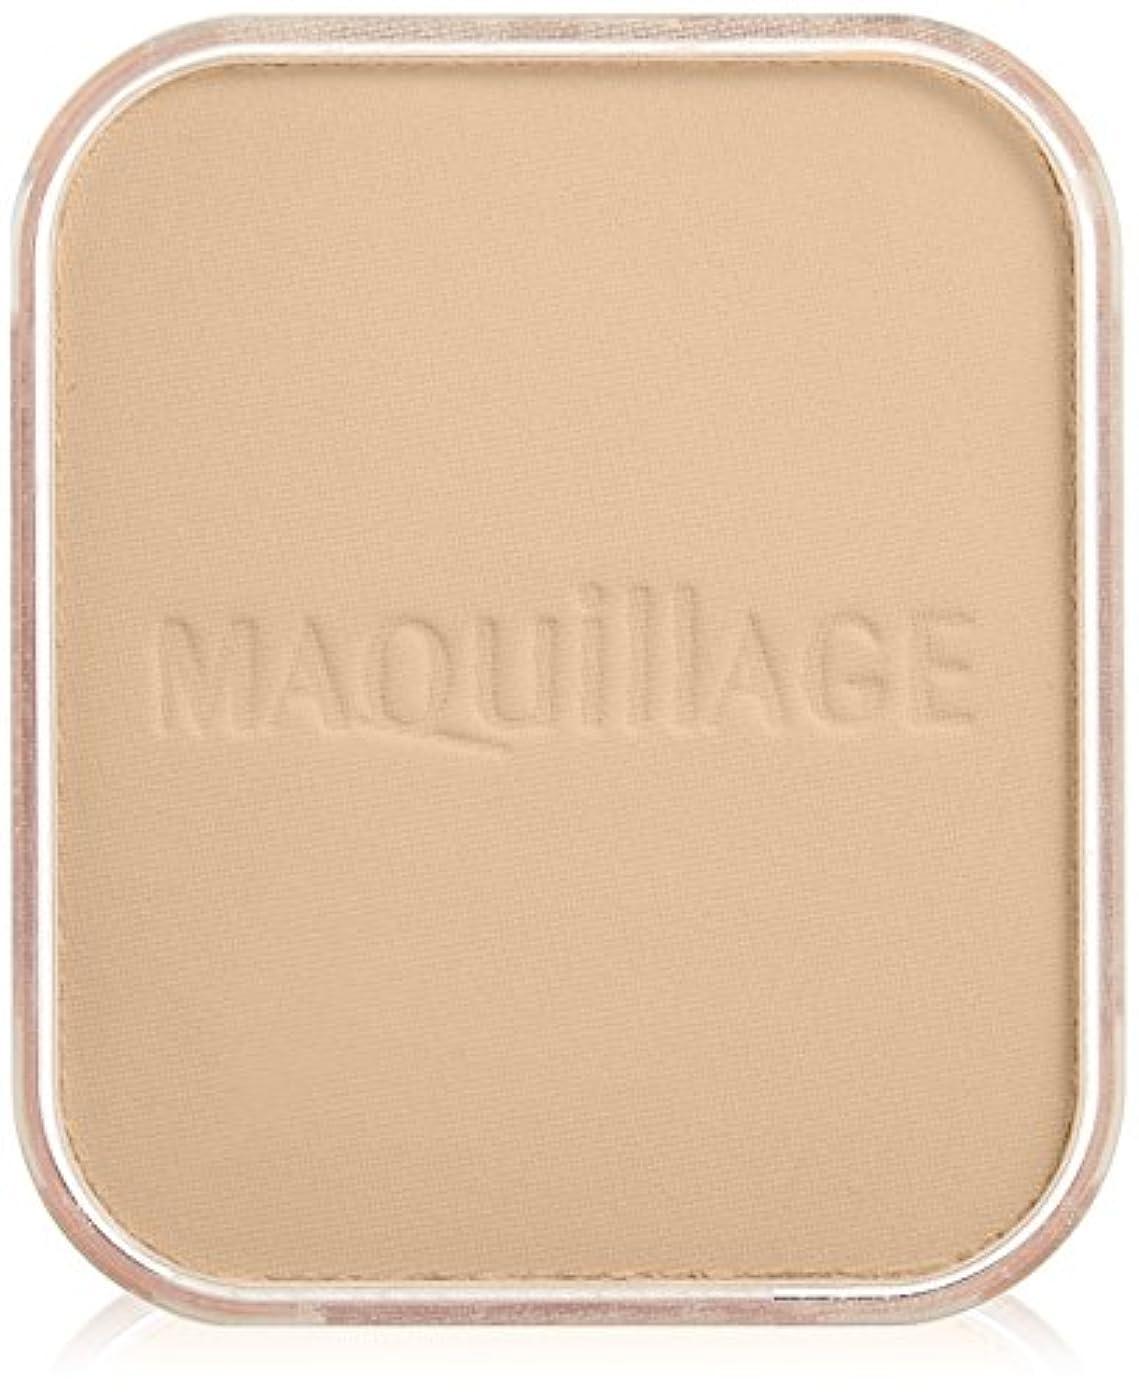 毛皮材料周術期マキアージュ ライティング ホワイトパウダリー UV オークル10 (レフィル) (SPF25?PA++) 10g